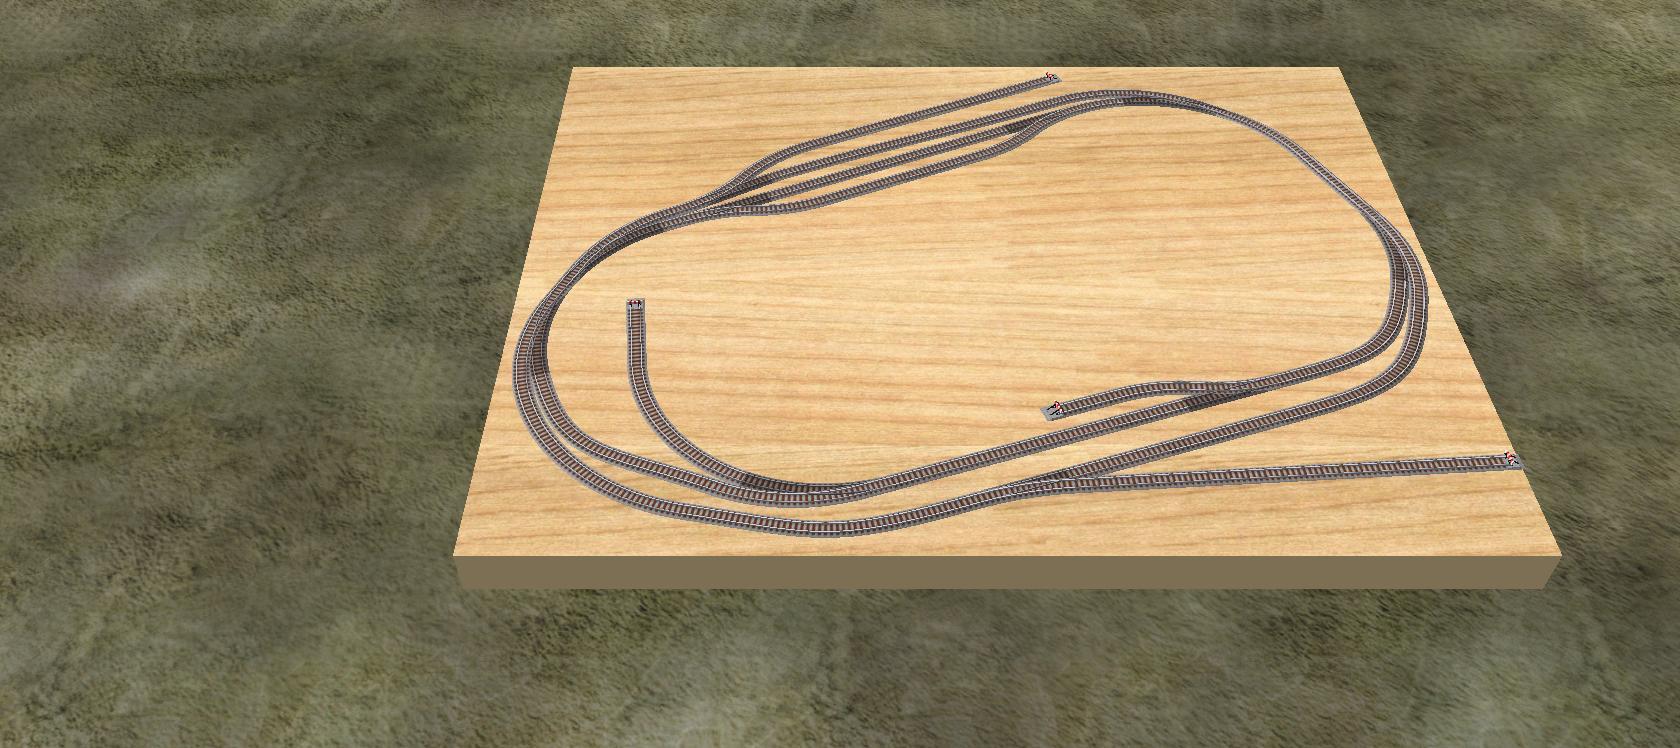 http://www.moba-trickkiste.de/components/com_agora/img/members/124/Landesbahn-Neu.jpg